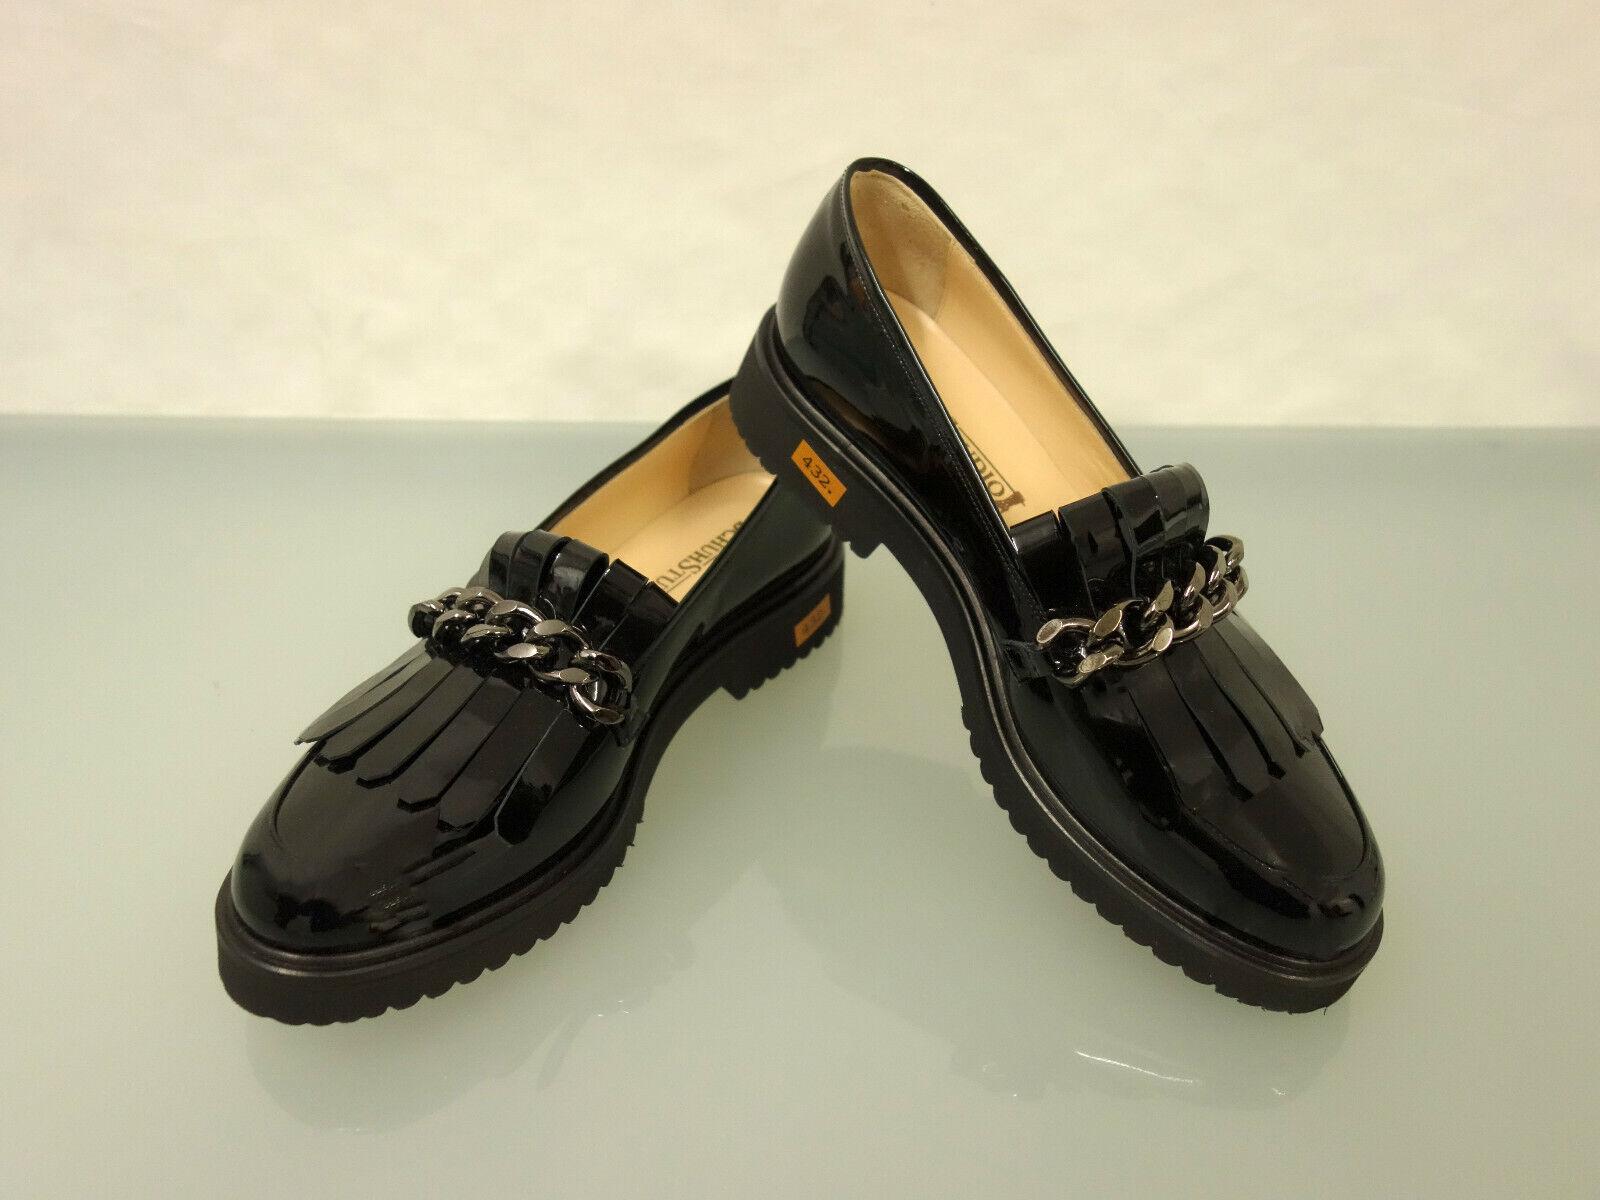 225 Neuf Chaussure Studio cuirs Pantoufles Taille 40,5 Chaussures Franges Chaîne Noir